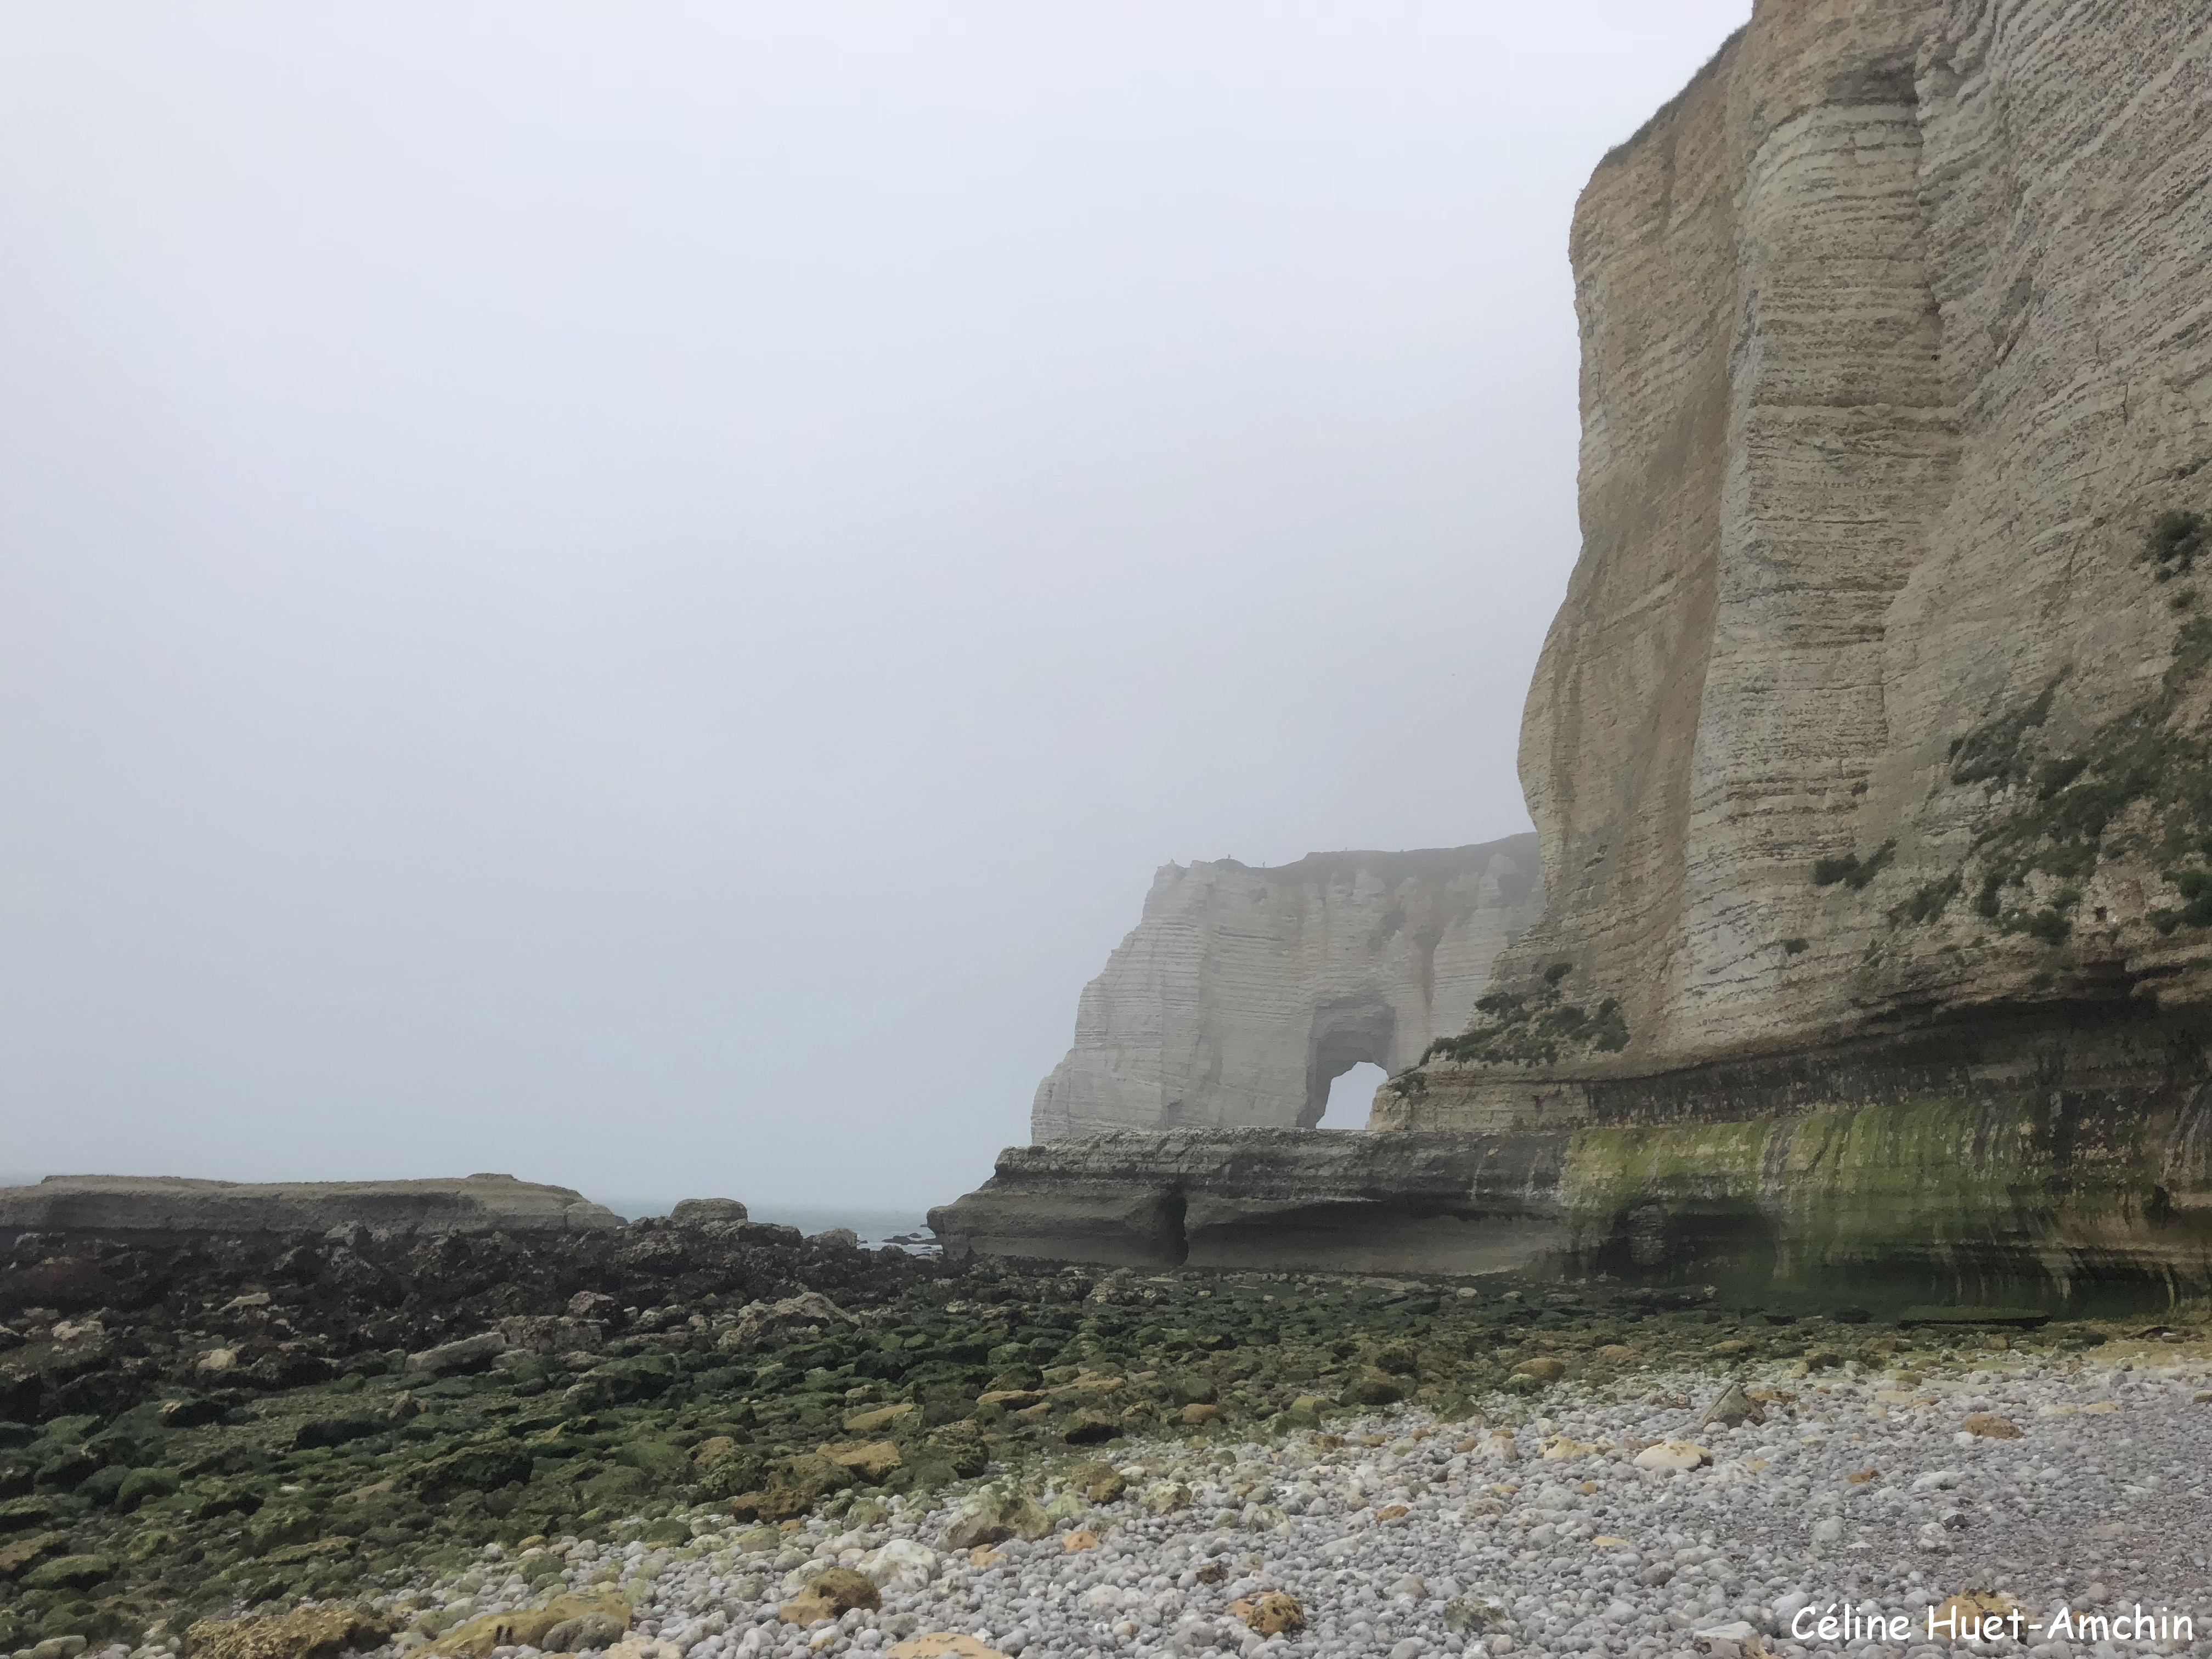 La Valleuse de Valaine et la Manneporte Etretat Normandie